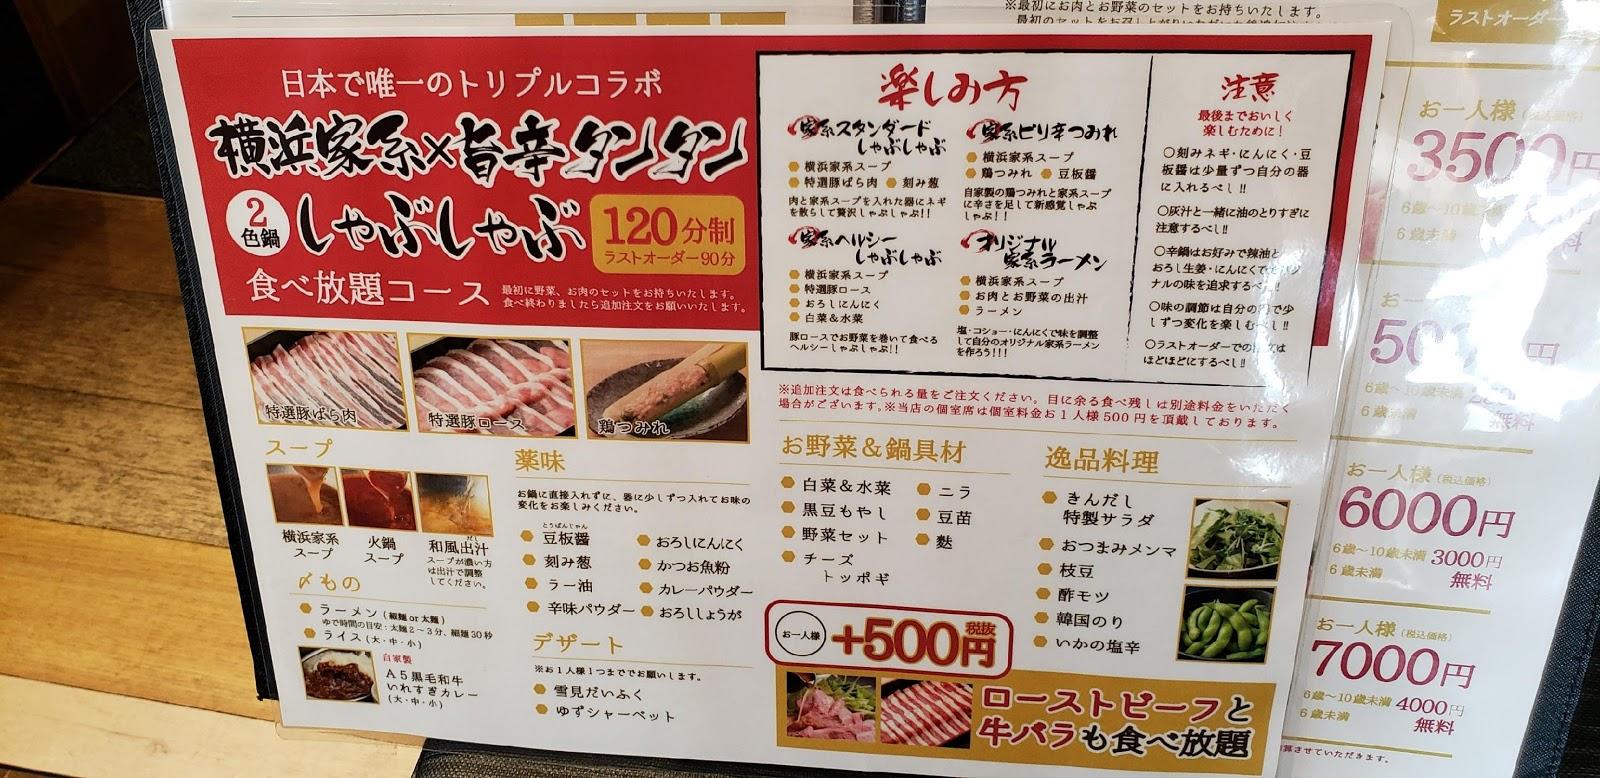 C:UsersNEKODesktop特稿しゃぶしゃぶ きんのだし 秋葉原店menu.jpg